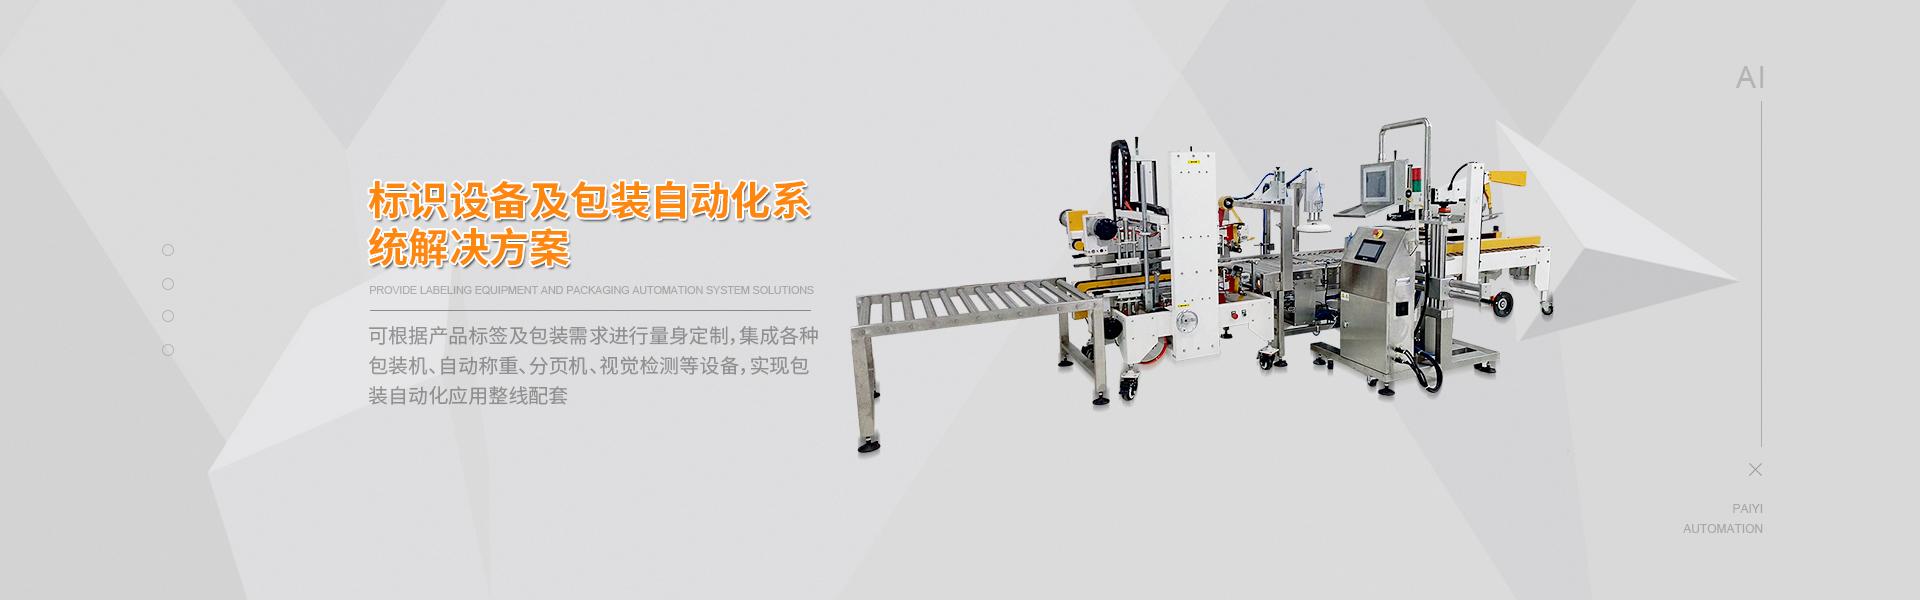 上海派易自动化科技有限公司